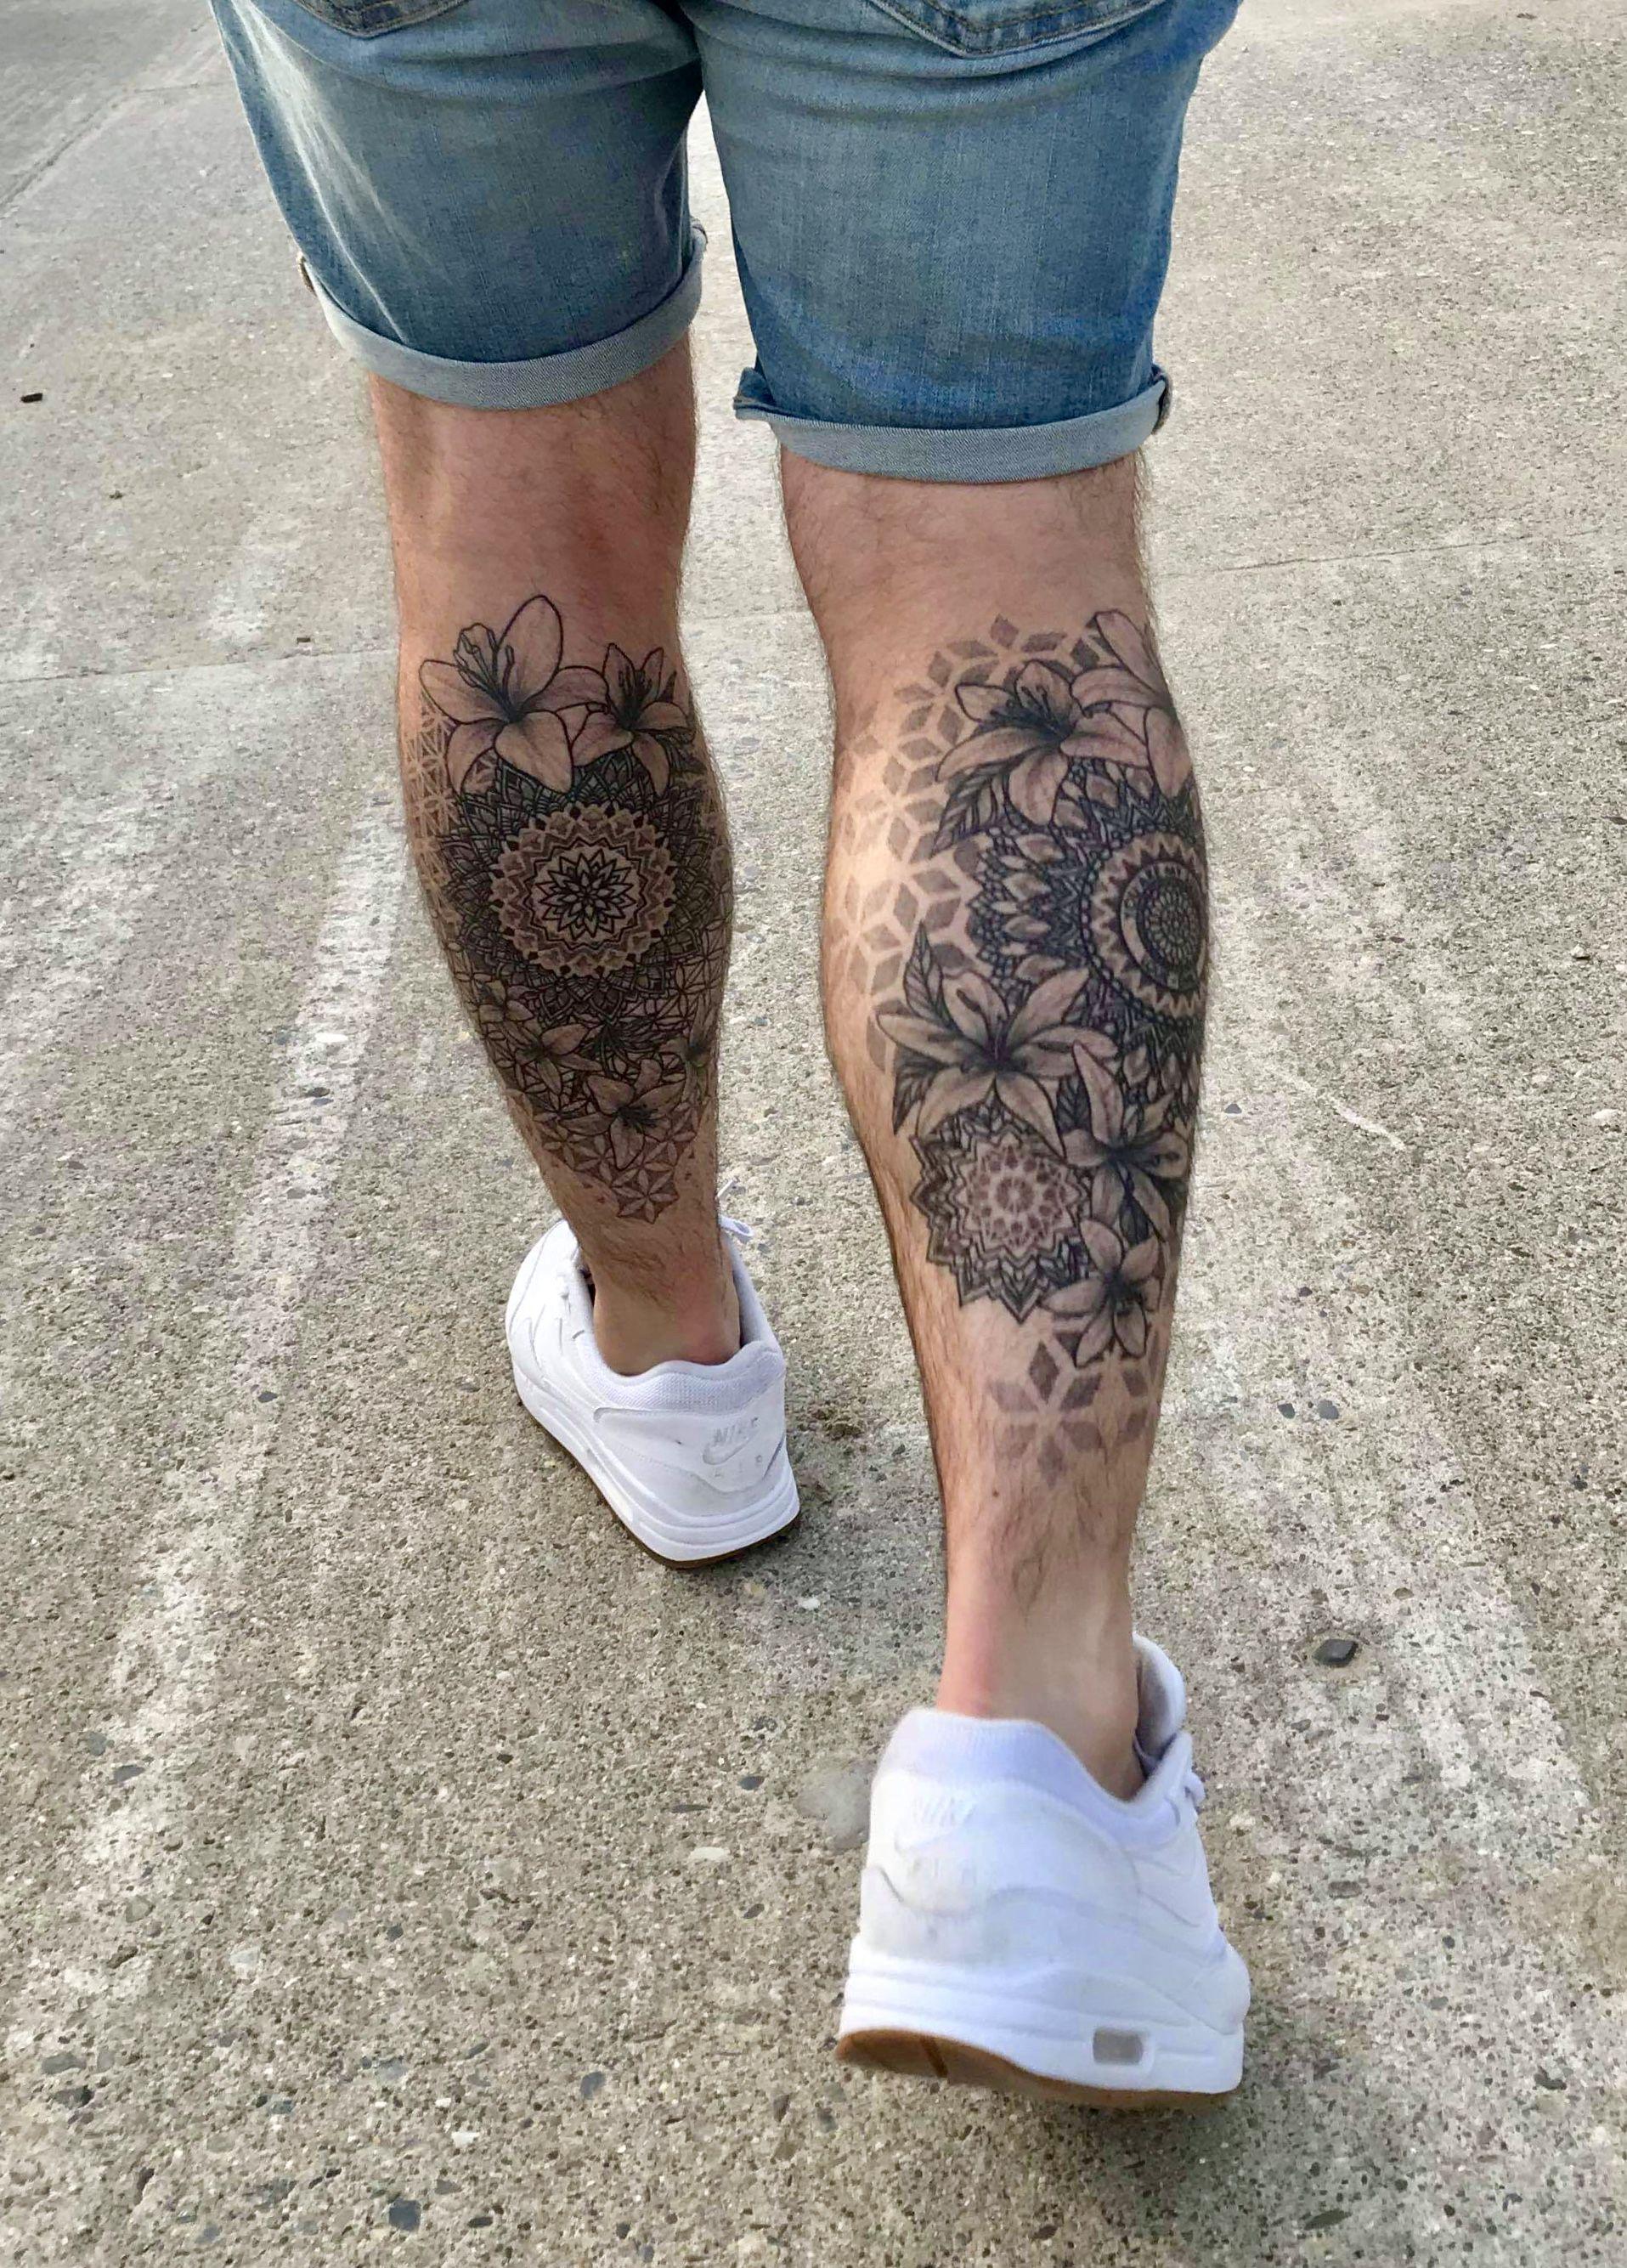 Mandala Tattoo Leg Sleeve Leg Sleeve Tattoo Geometric Tattoos Men Mandala Tattoo Leg